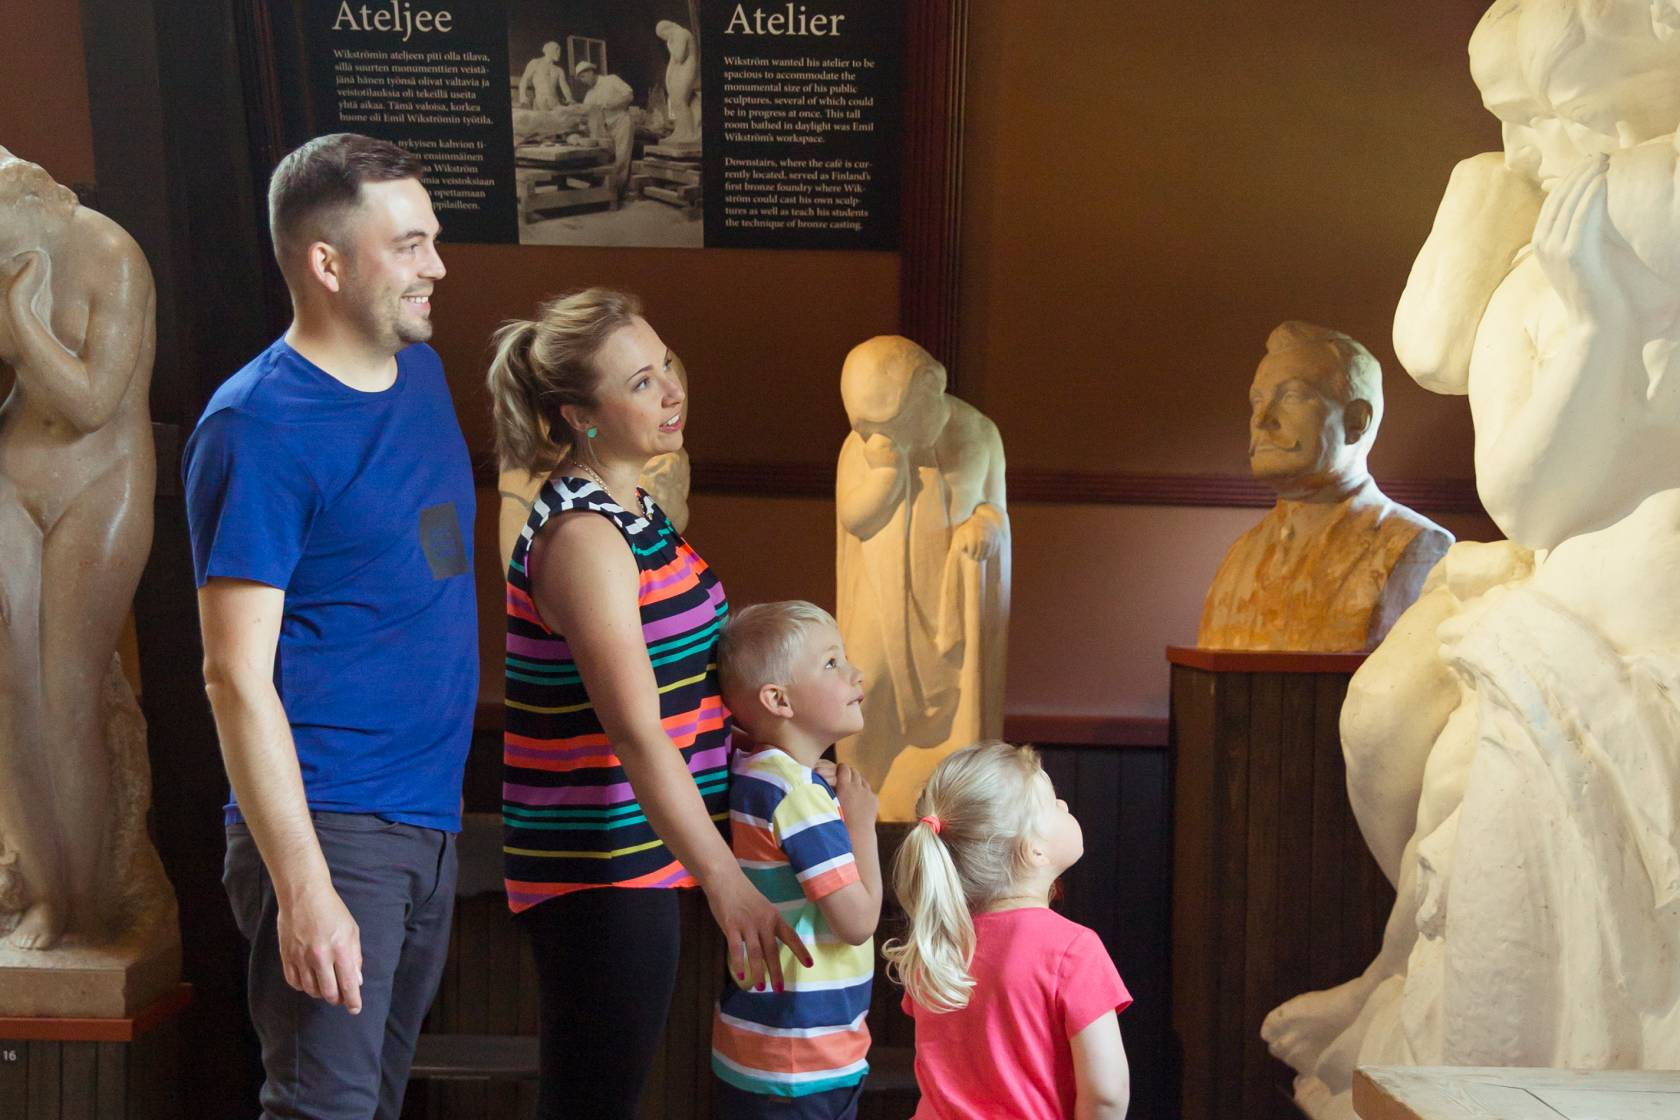 perhe katselee taidetta Visavuoren ateljeessa